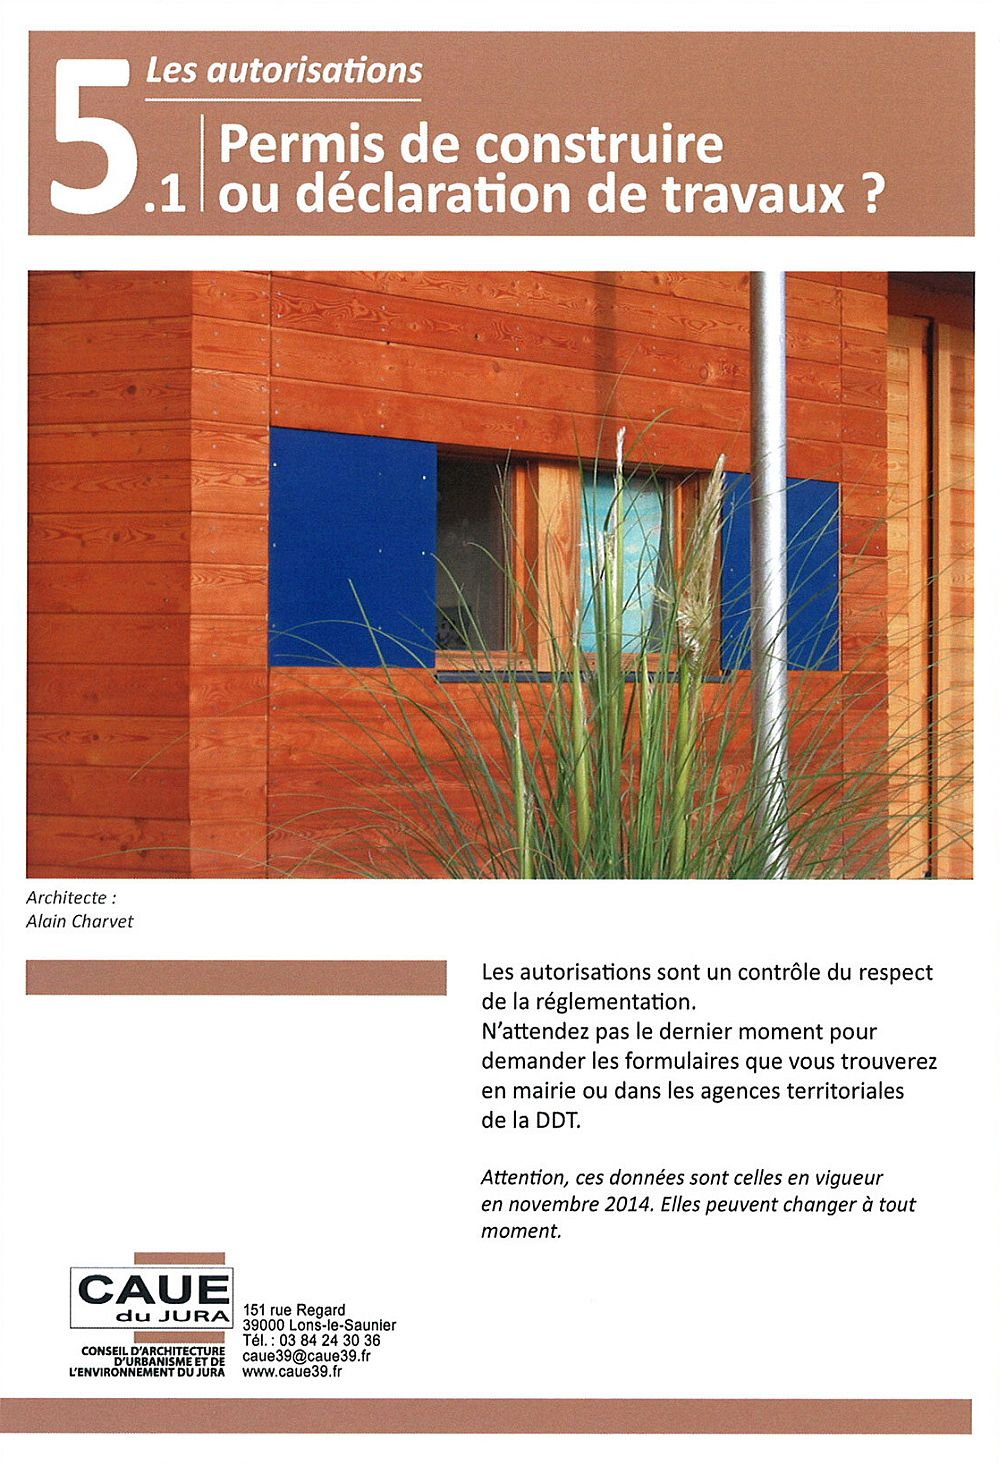 caue39 conseil d 39 architecture d 39 urbanisme et de l 39 environnement du jura conseiller informer. Black Bedroom Furniture Sets. Home Design Ideas